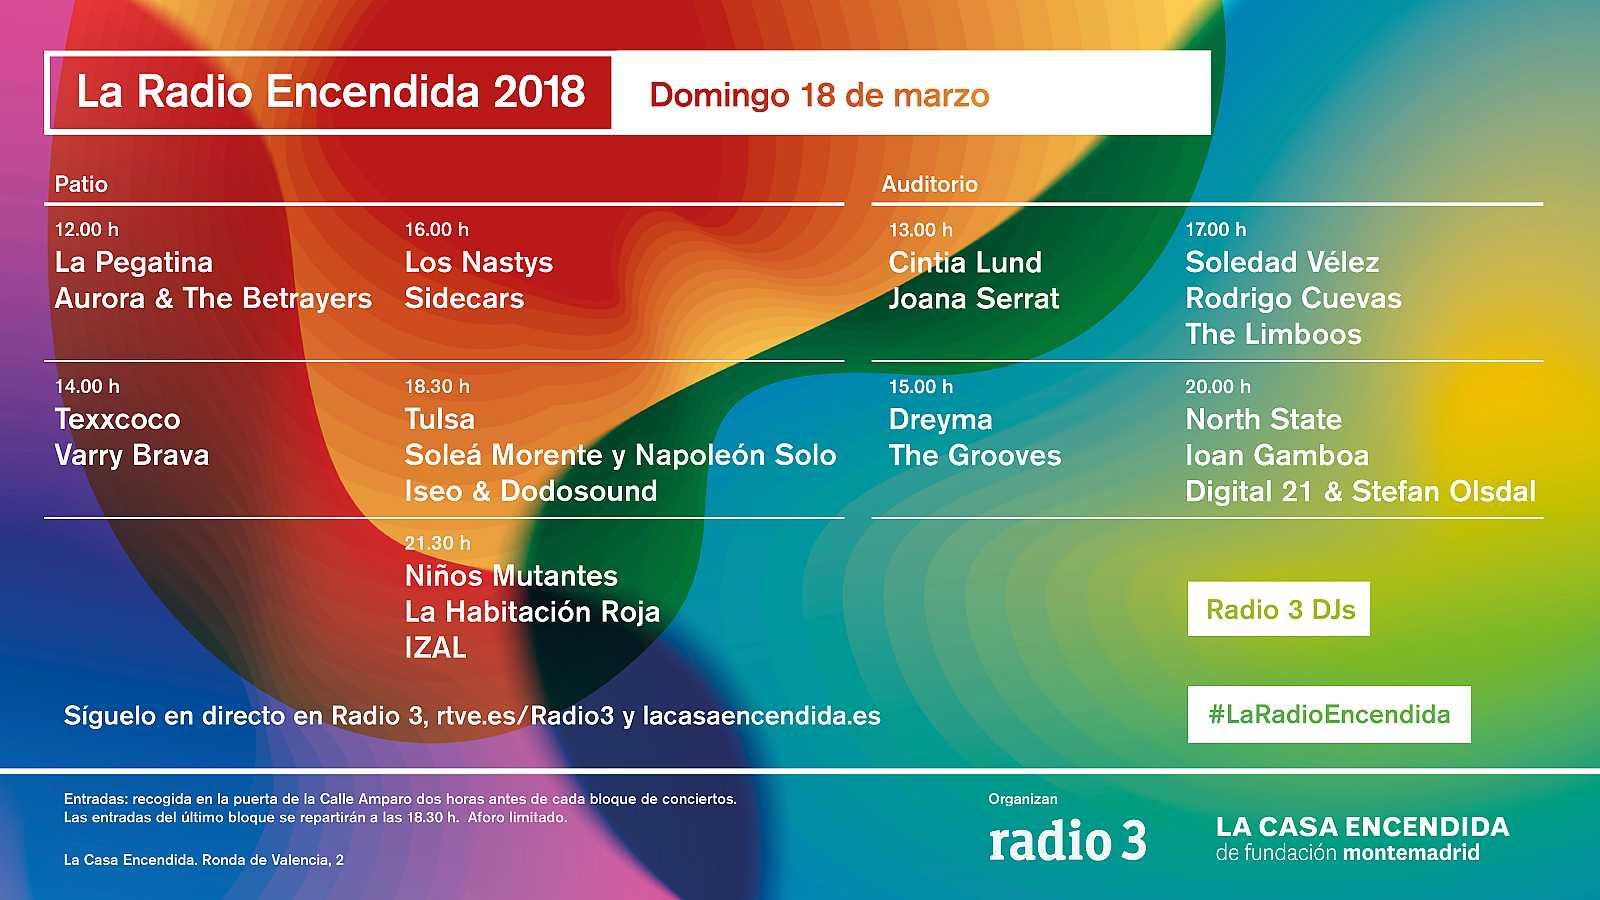 Cartel de La Radio Encendida 2018